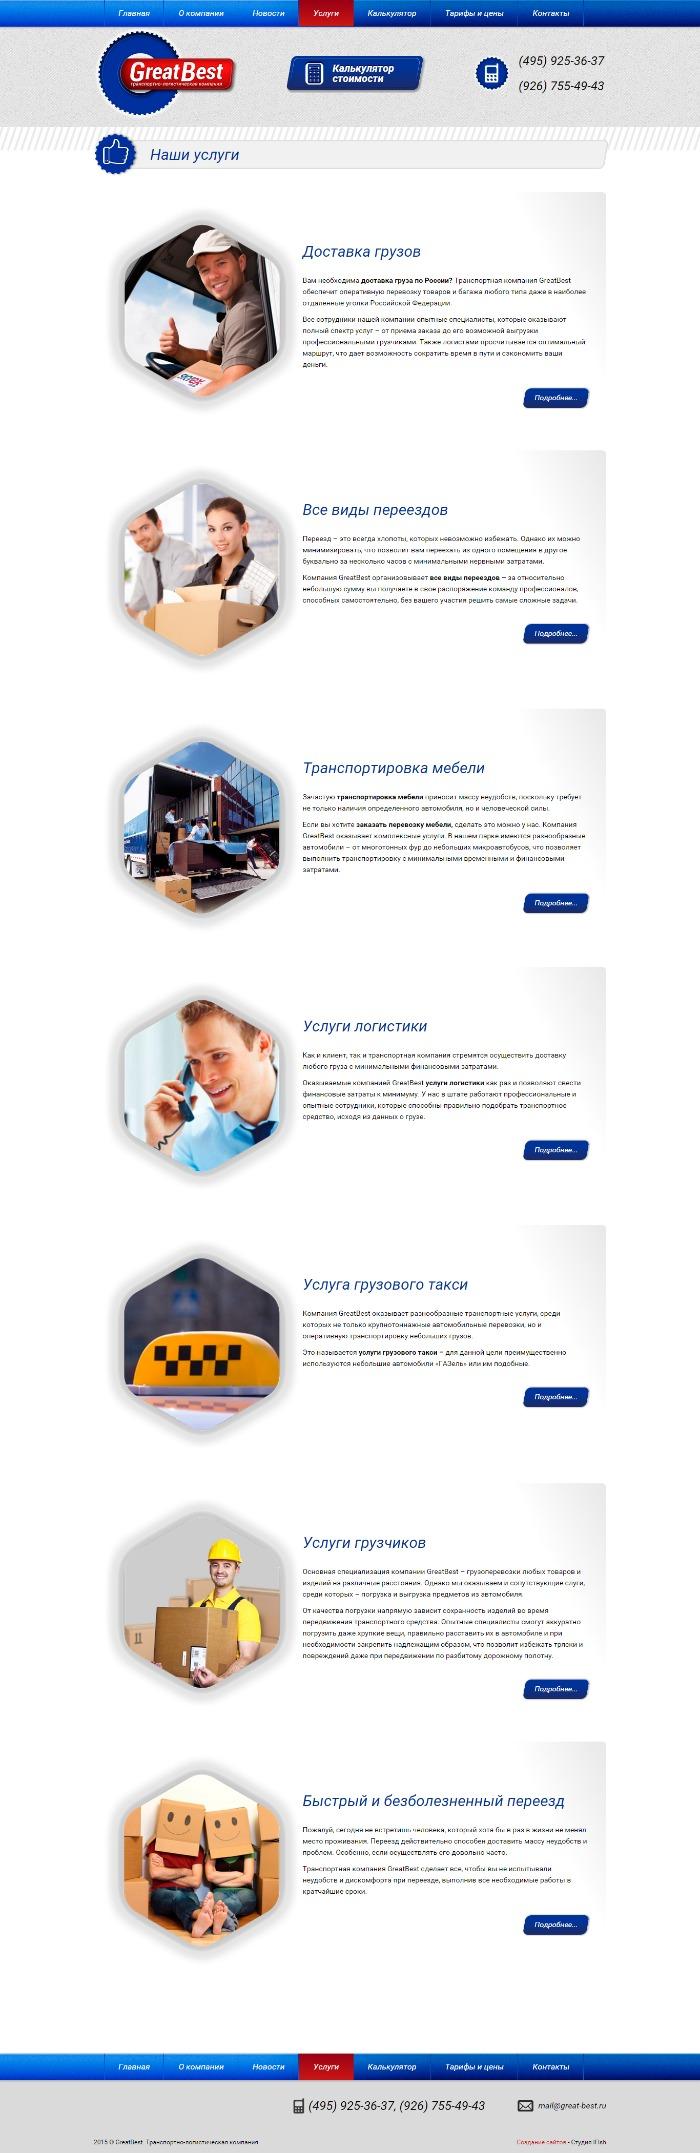 услуги компании great best